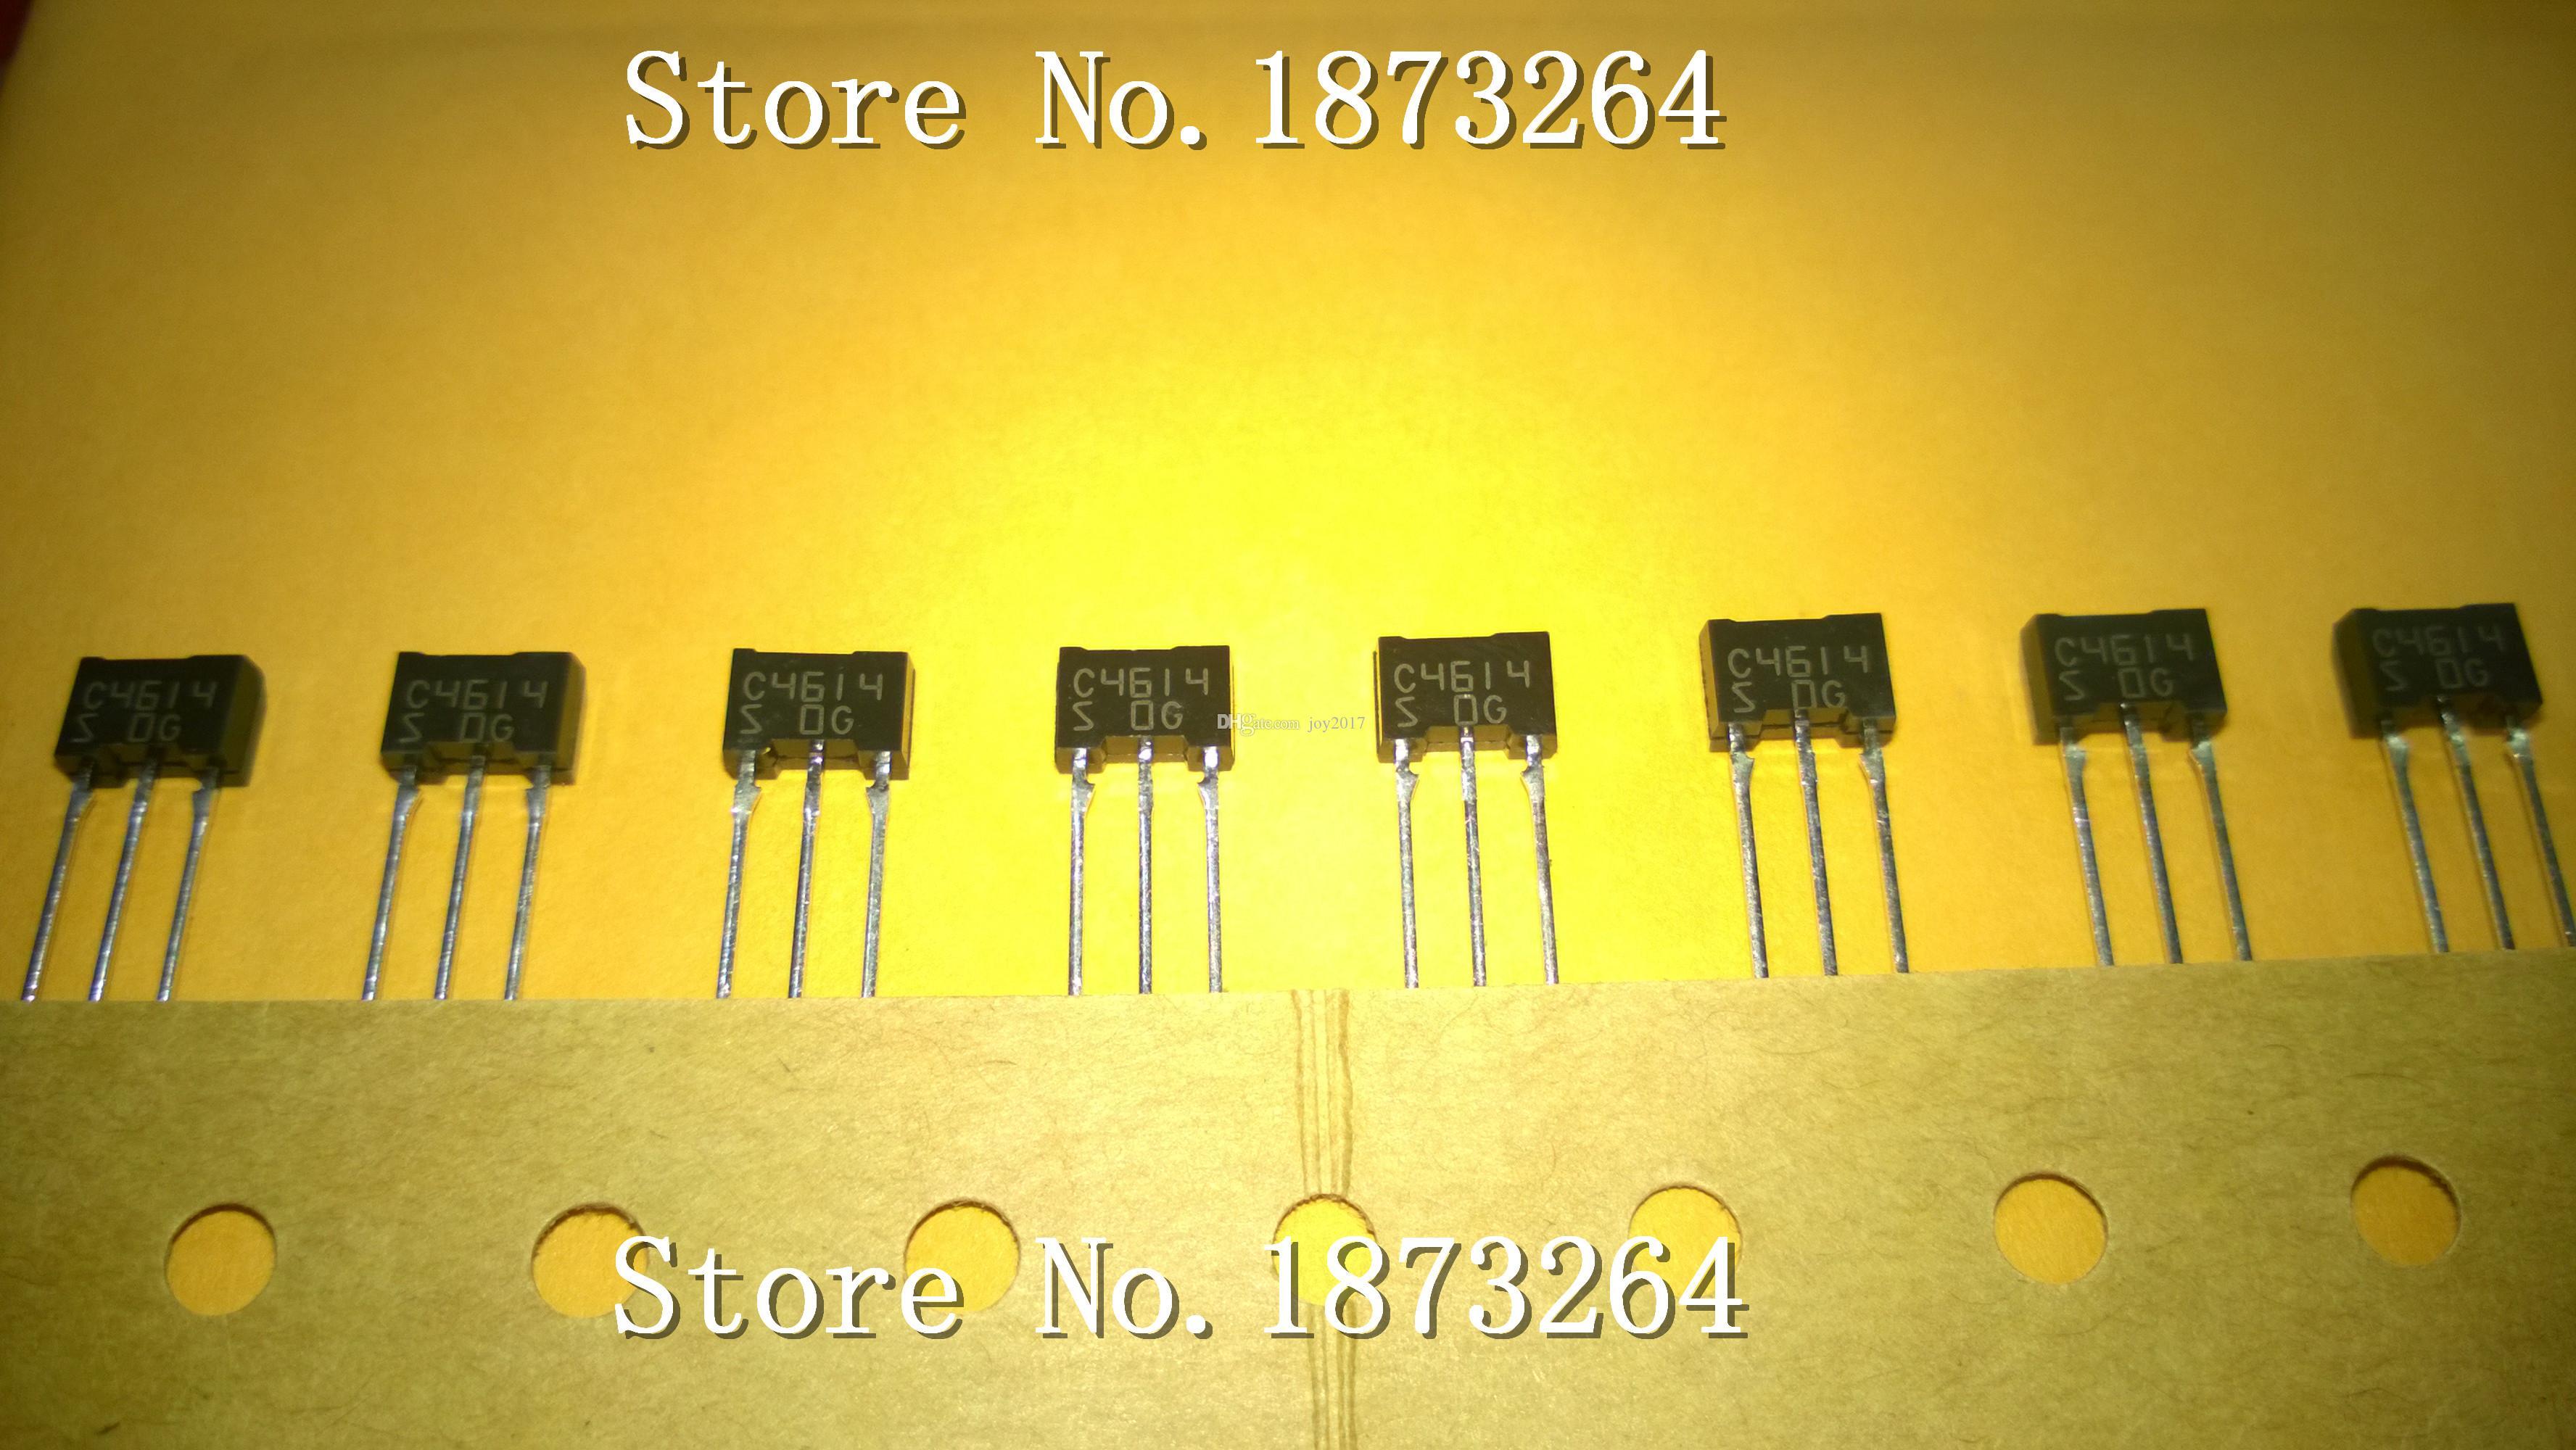 Ücretsiz Kargo 2SC4614S C4614 2SC4614 T0-92 Yeni ve orijinal 10 ADET / GRUP